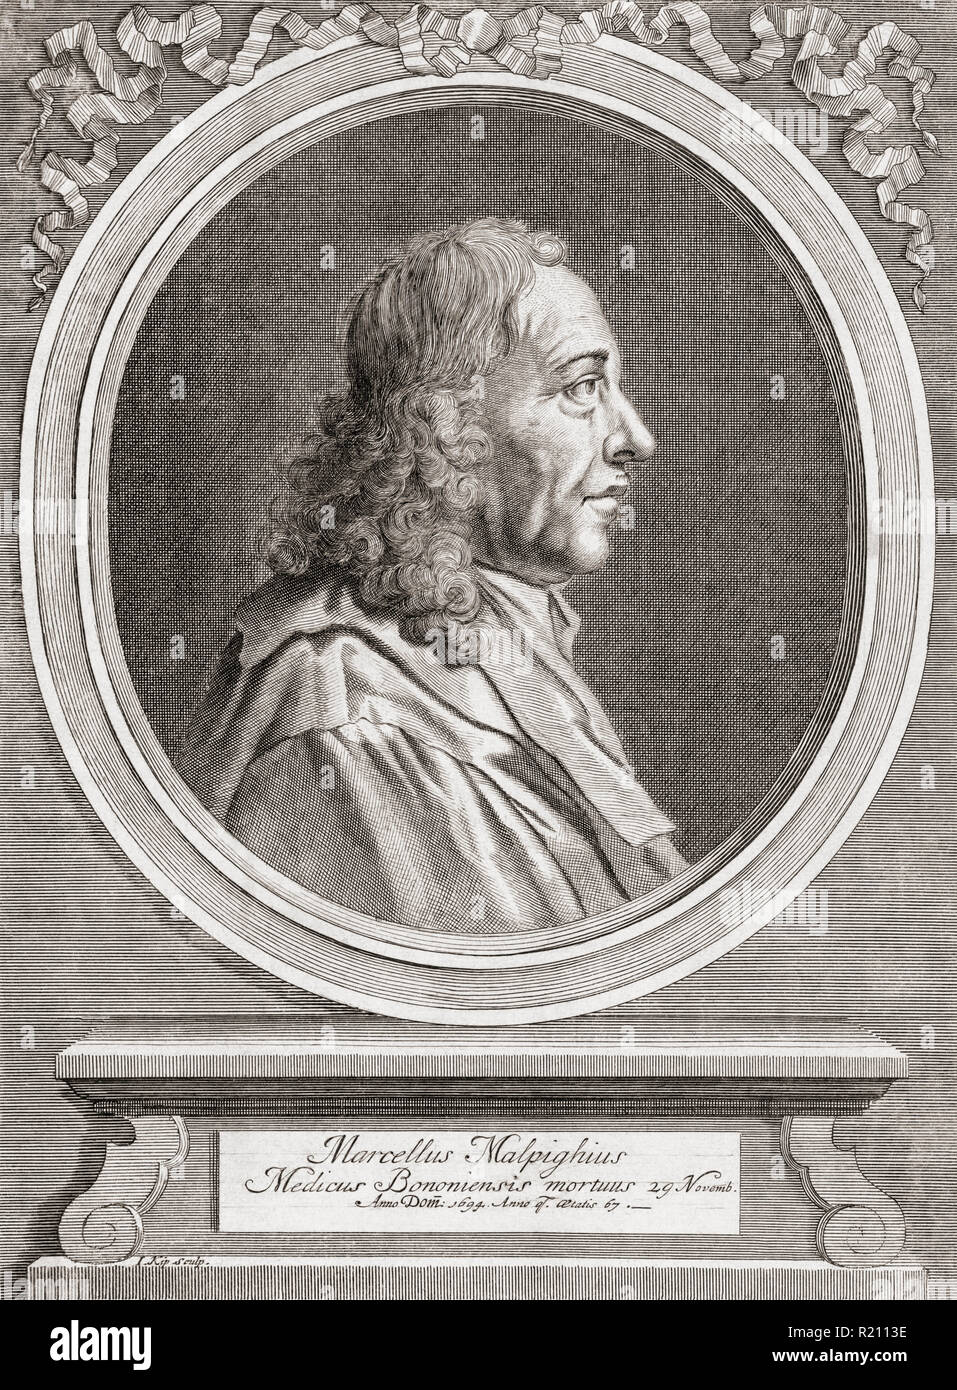 """Marcello Malpighi, 1628 - 1694. Biologiste et médecin italien. Considéré comme le """"père de l'anatomie microscopique, de l'histologie, la physiologie et l'embryologie"""". Photo Stock"""